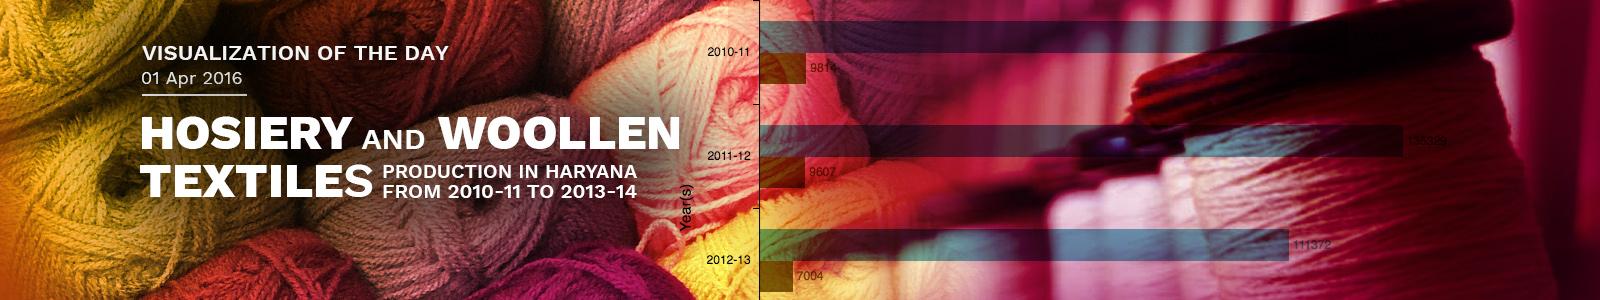 VOD-Banner_01042016